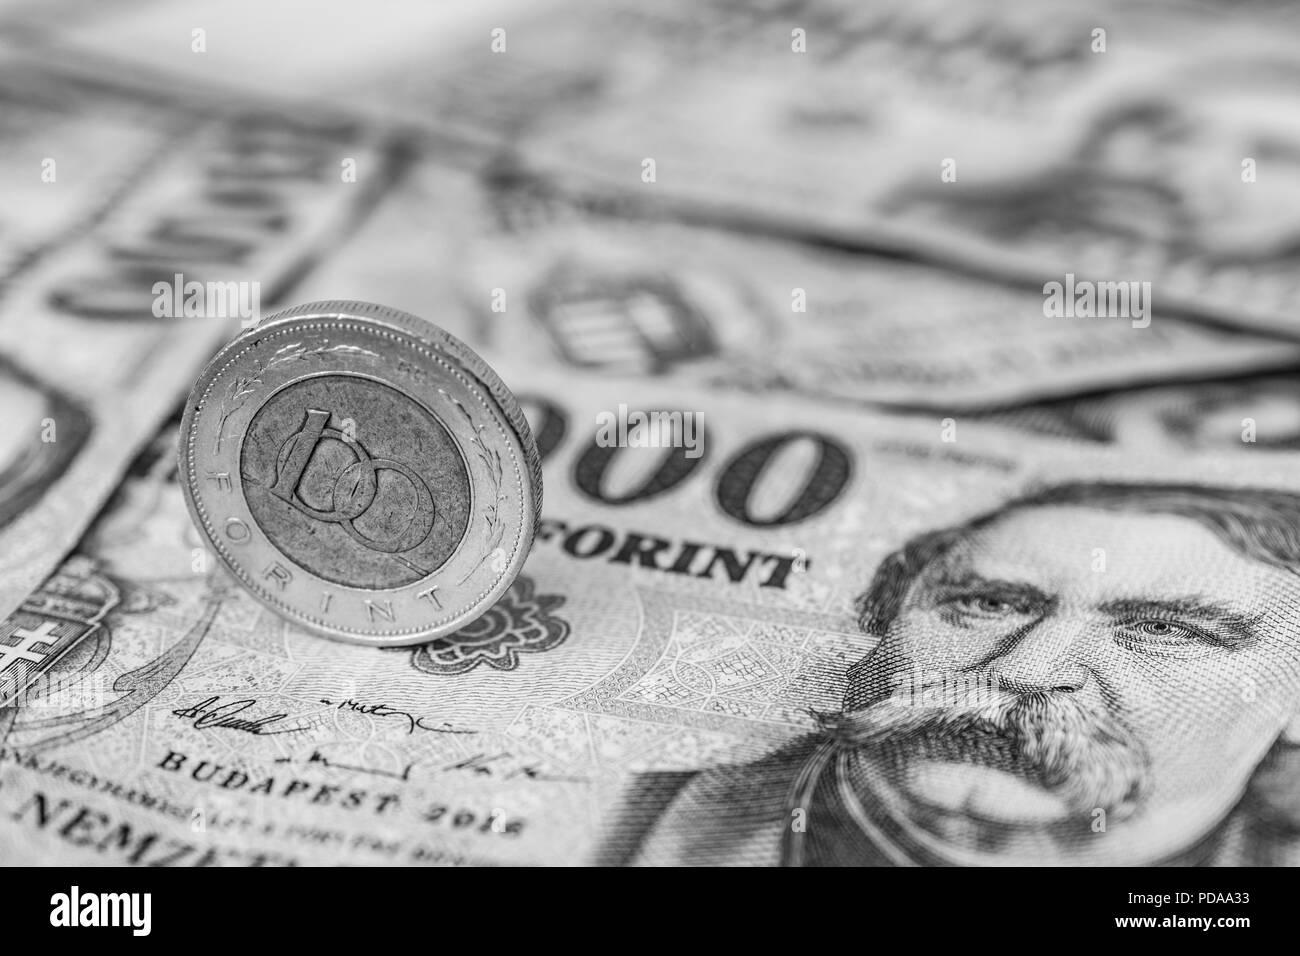 Ungarn 100 Forint Münze Hochkant Auf 20000 Forint Banknoten In